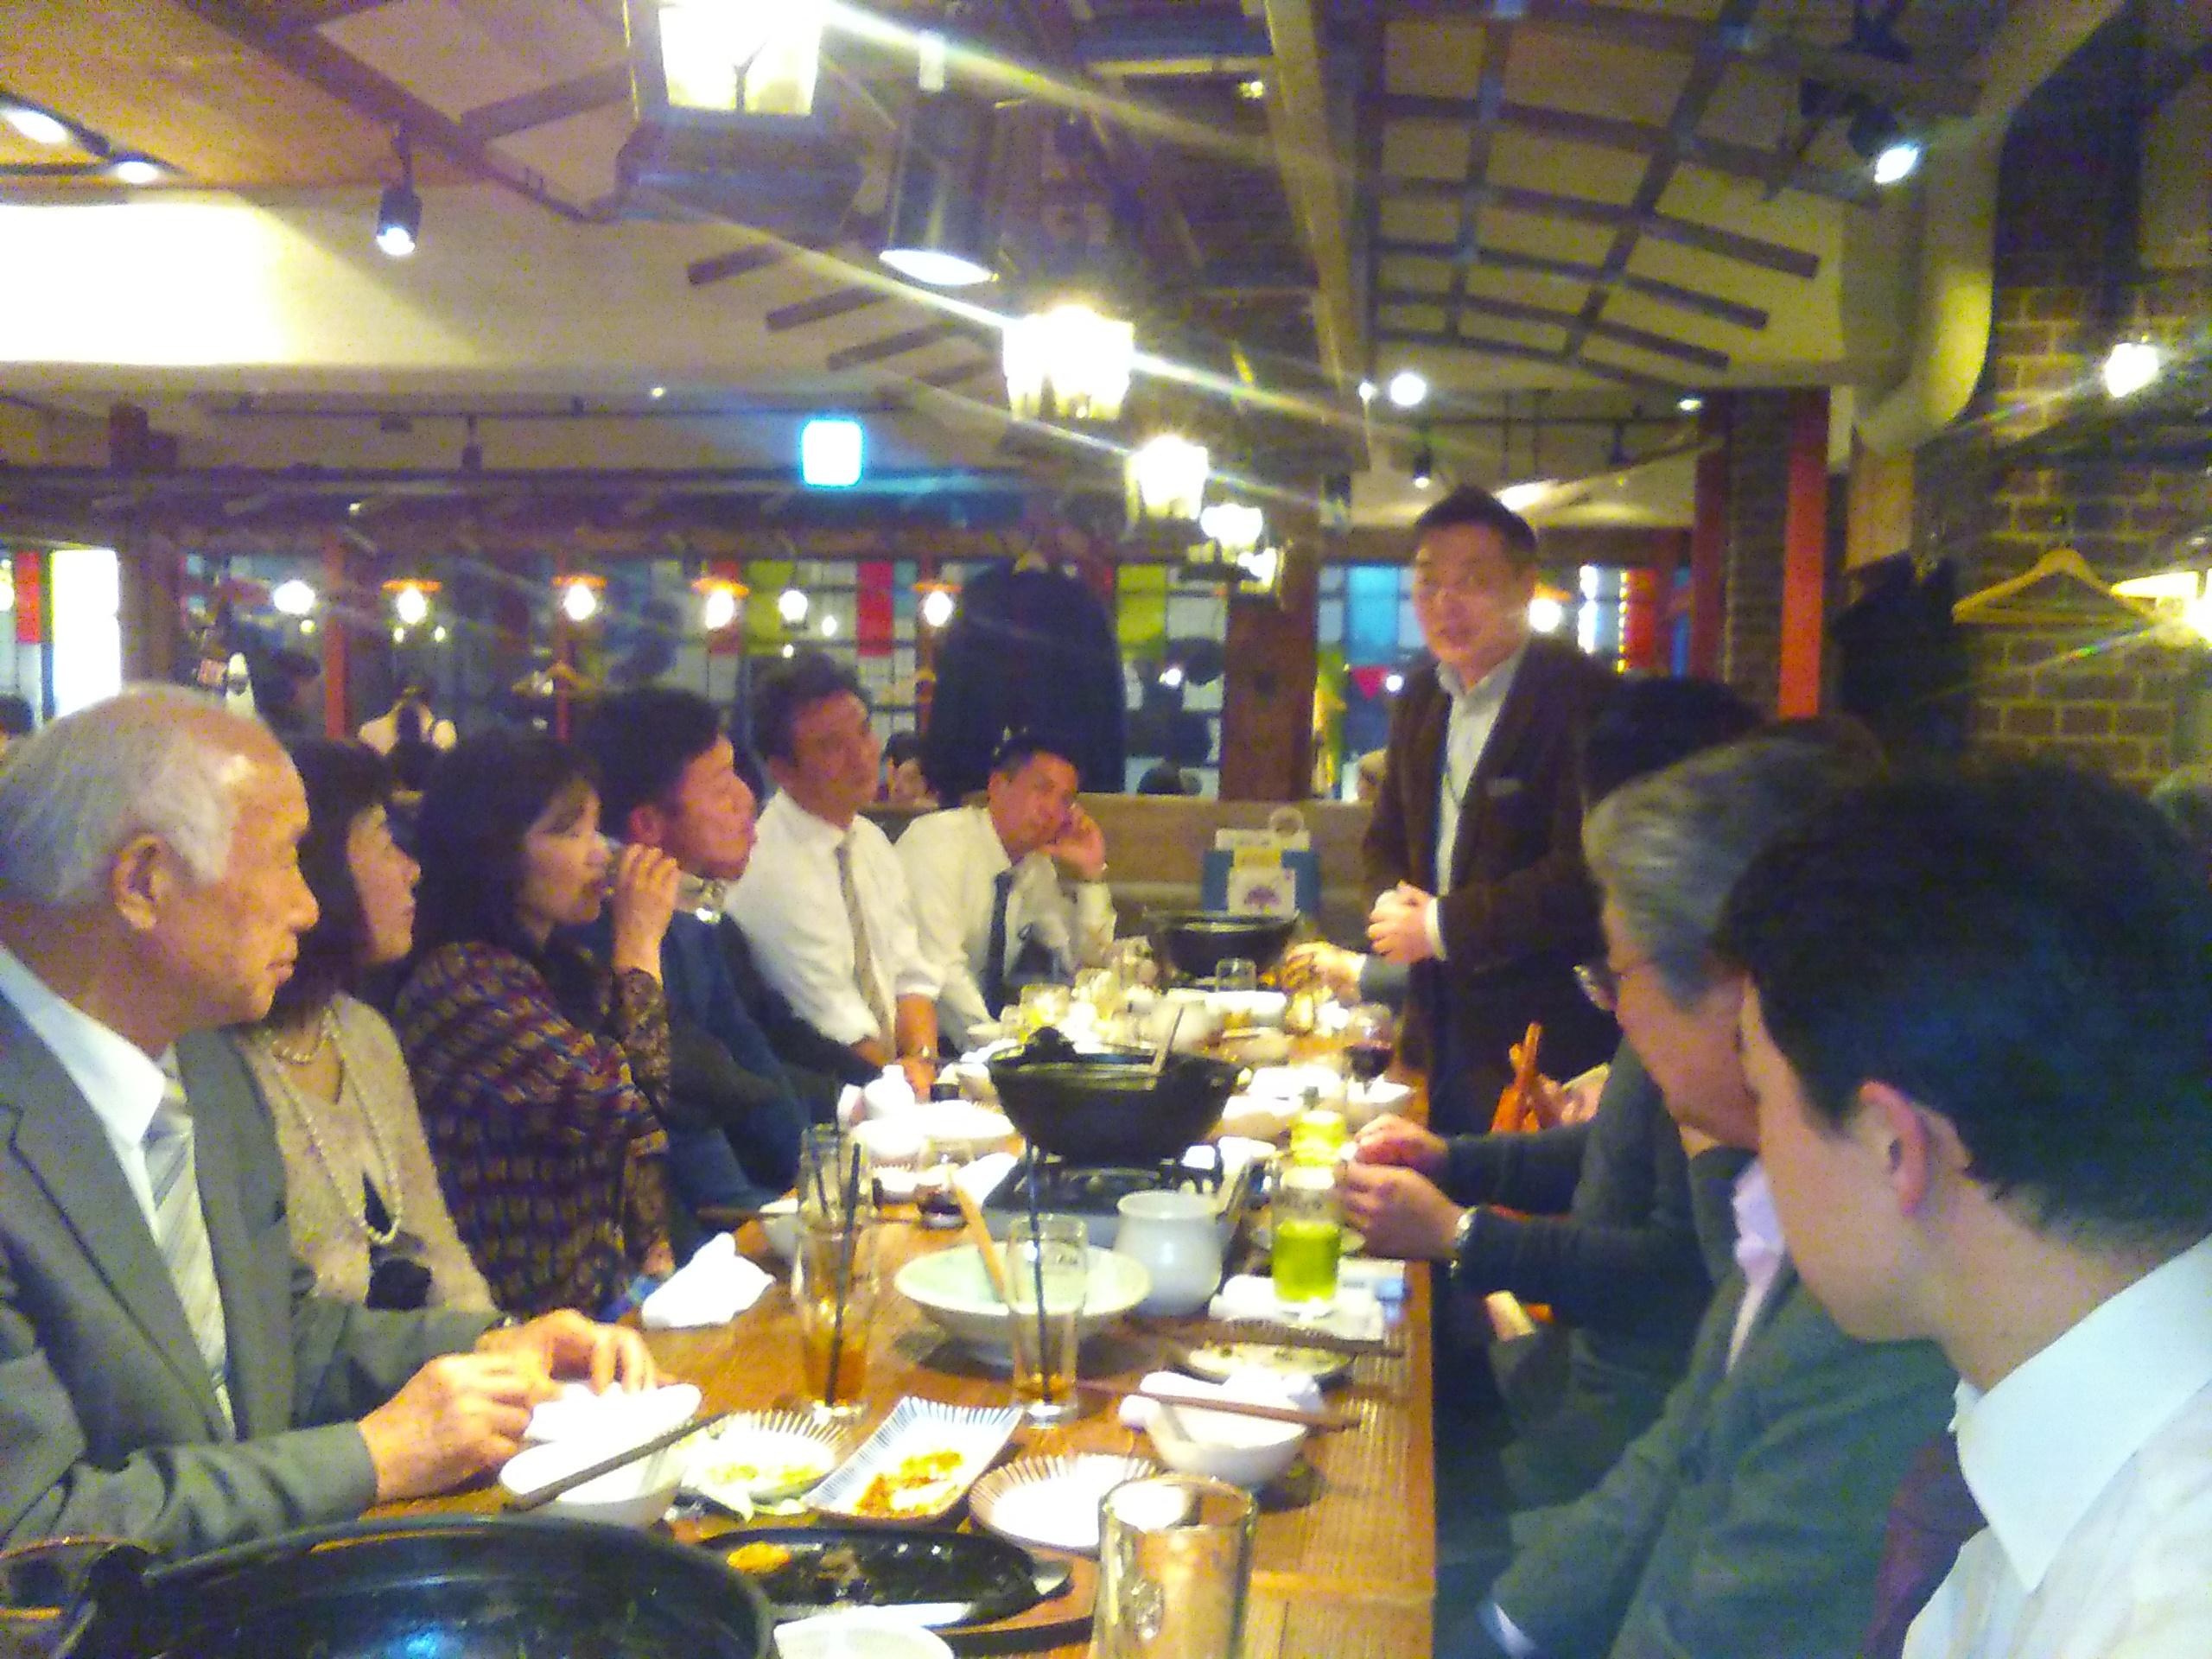 KIMG0229 - 4月1日東京思風塾の開催になります。